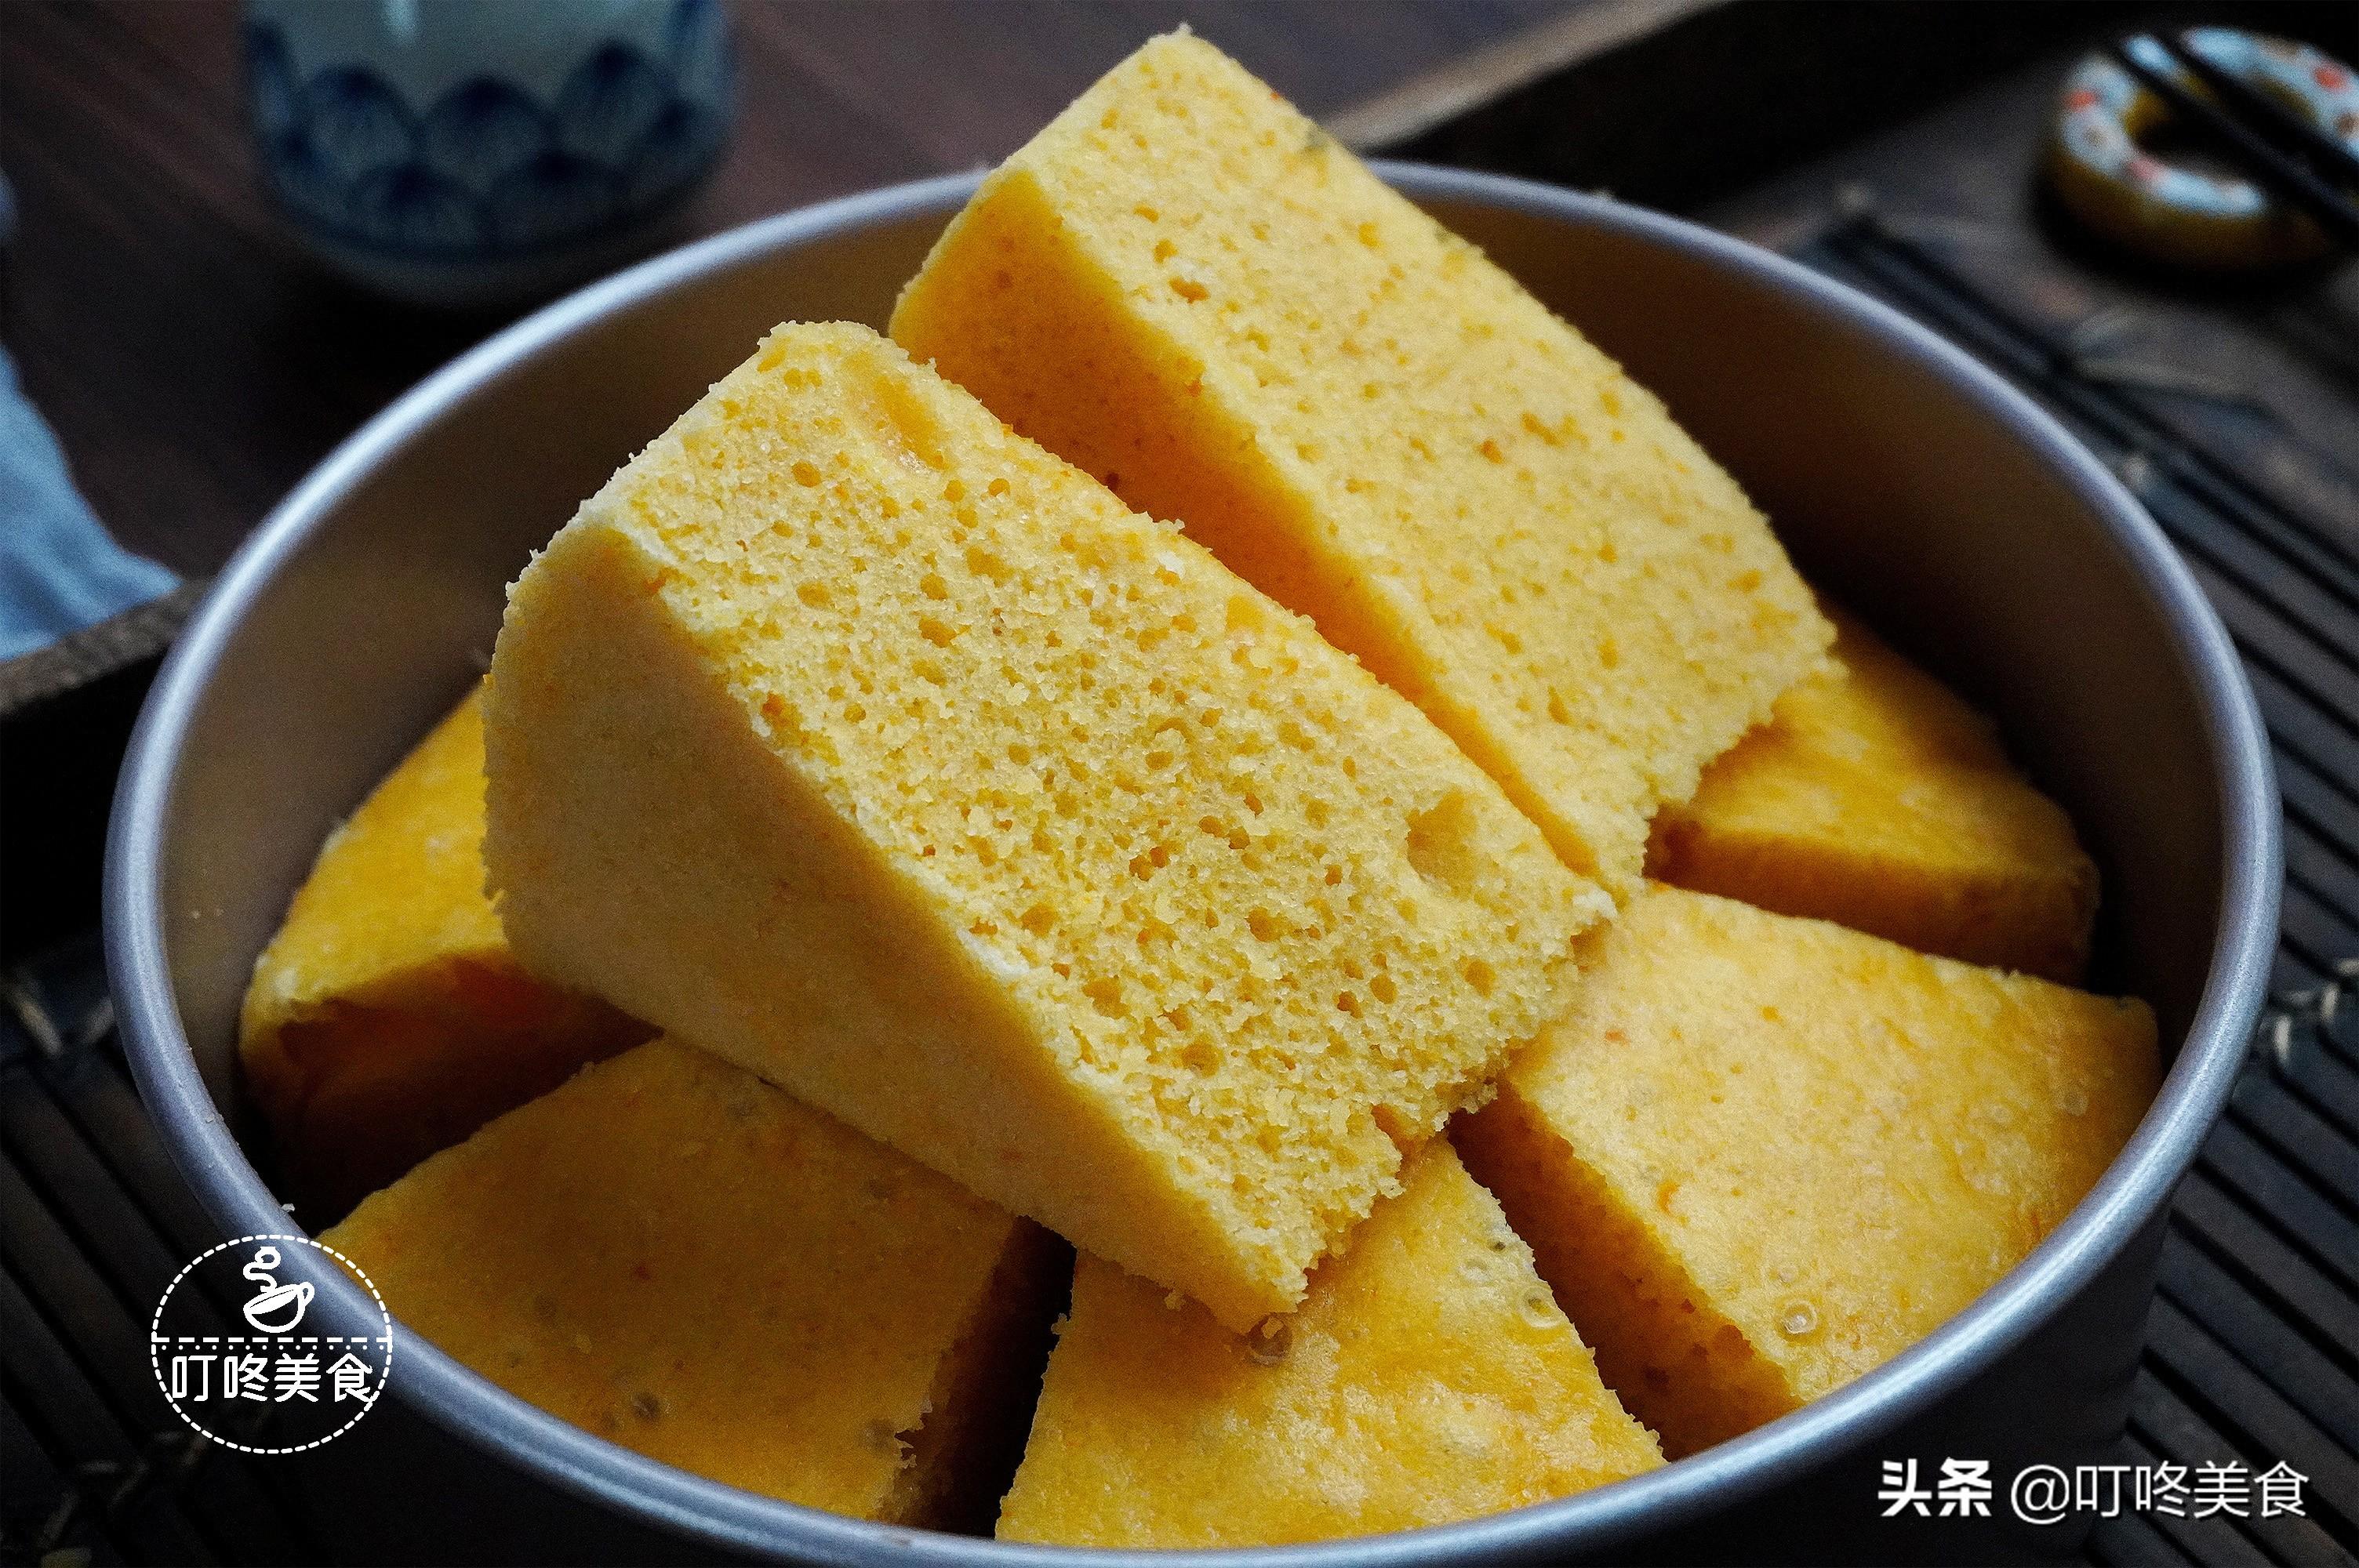 南瓜發糕家常做法,只需攪一攪,不沾牙不塌陷,比蛋糕還鬆軟